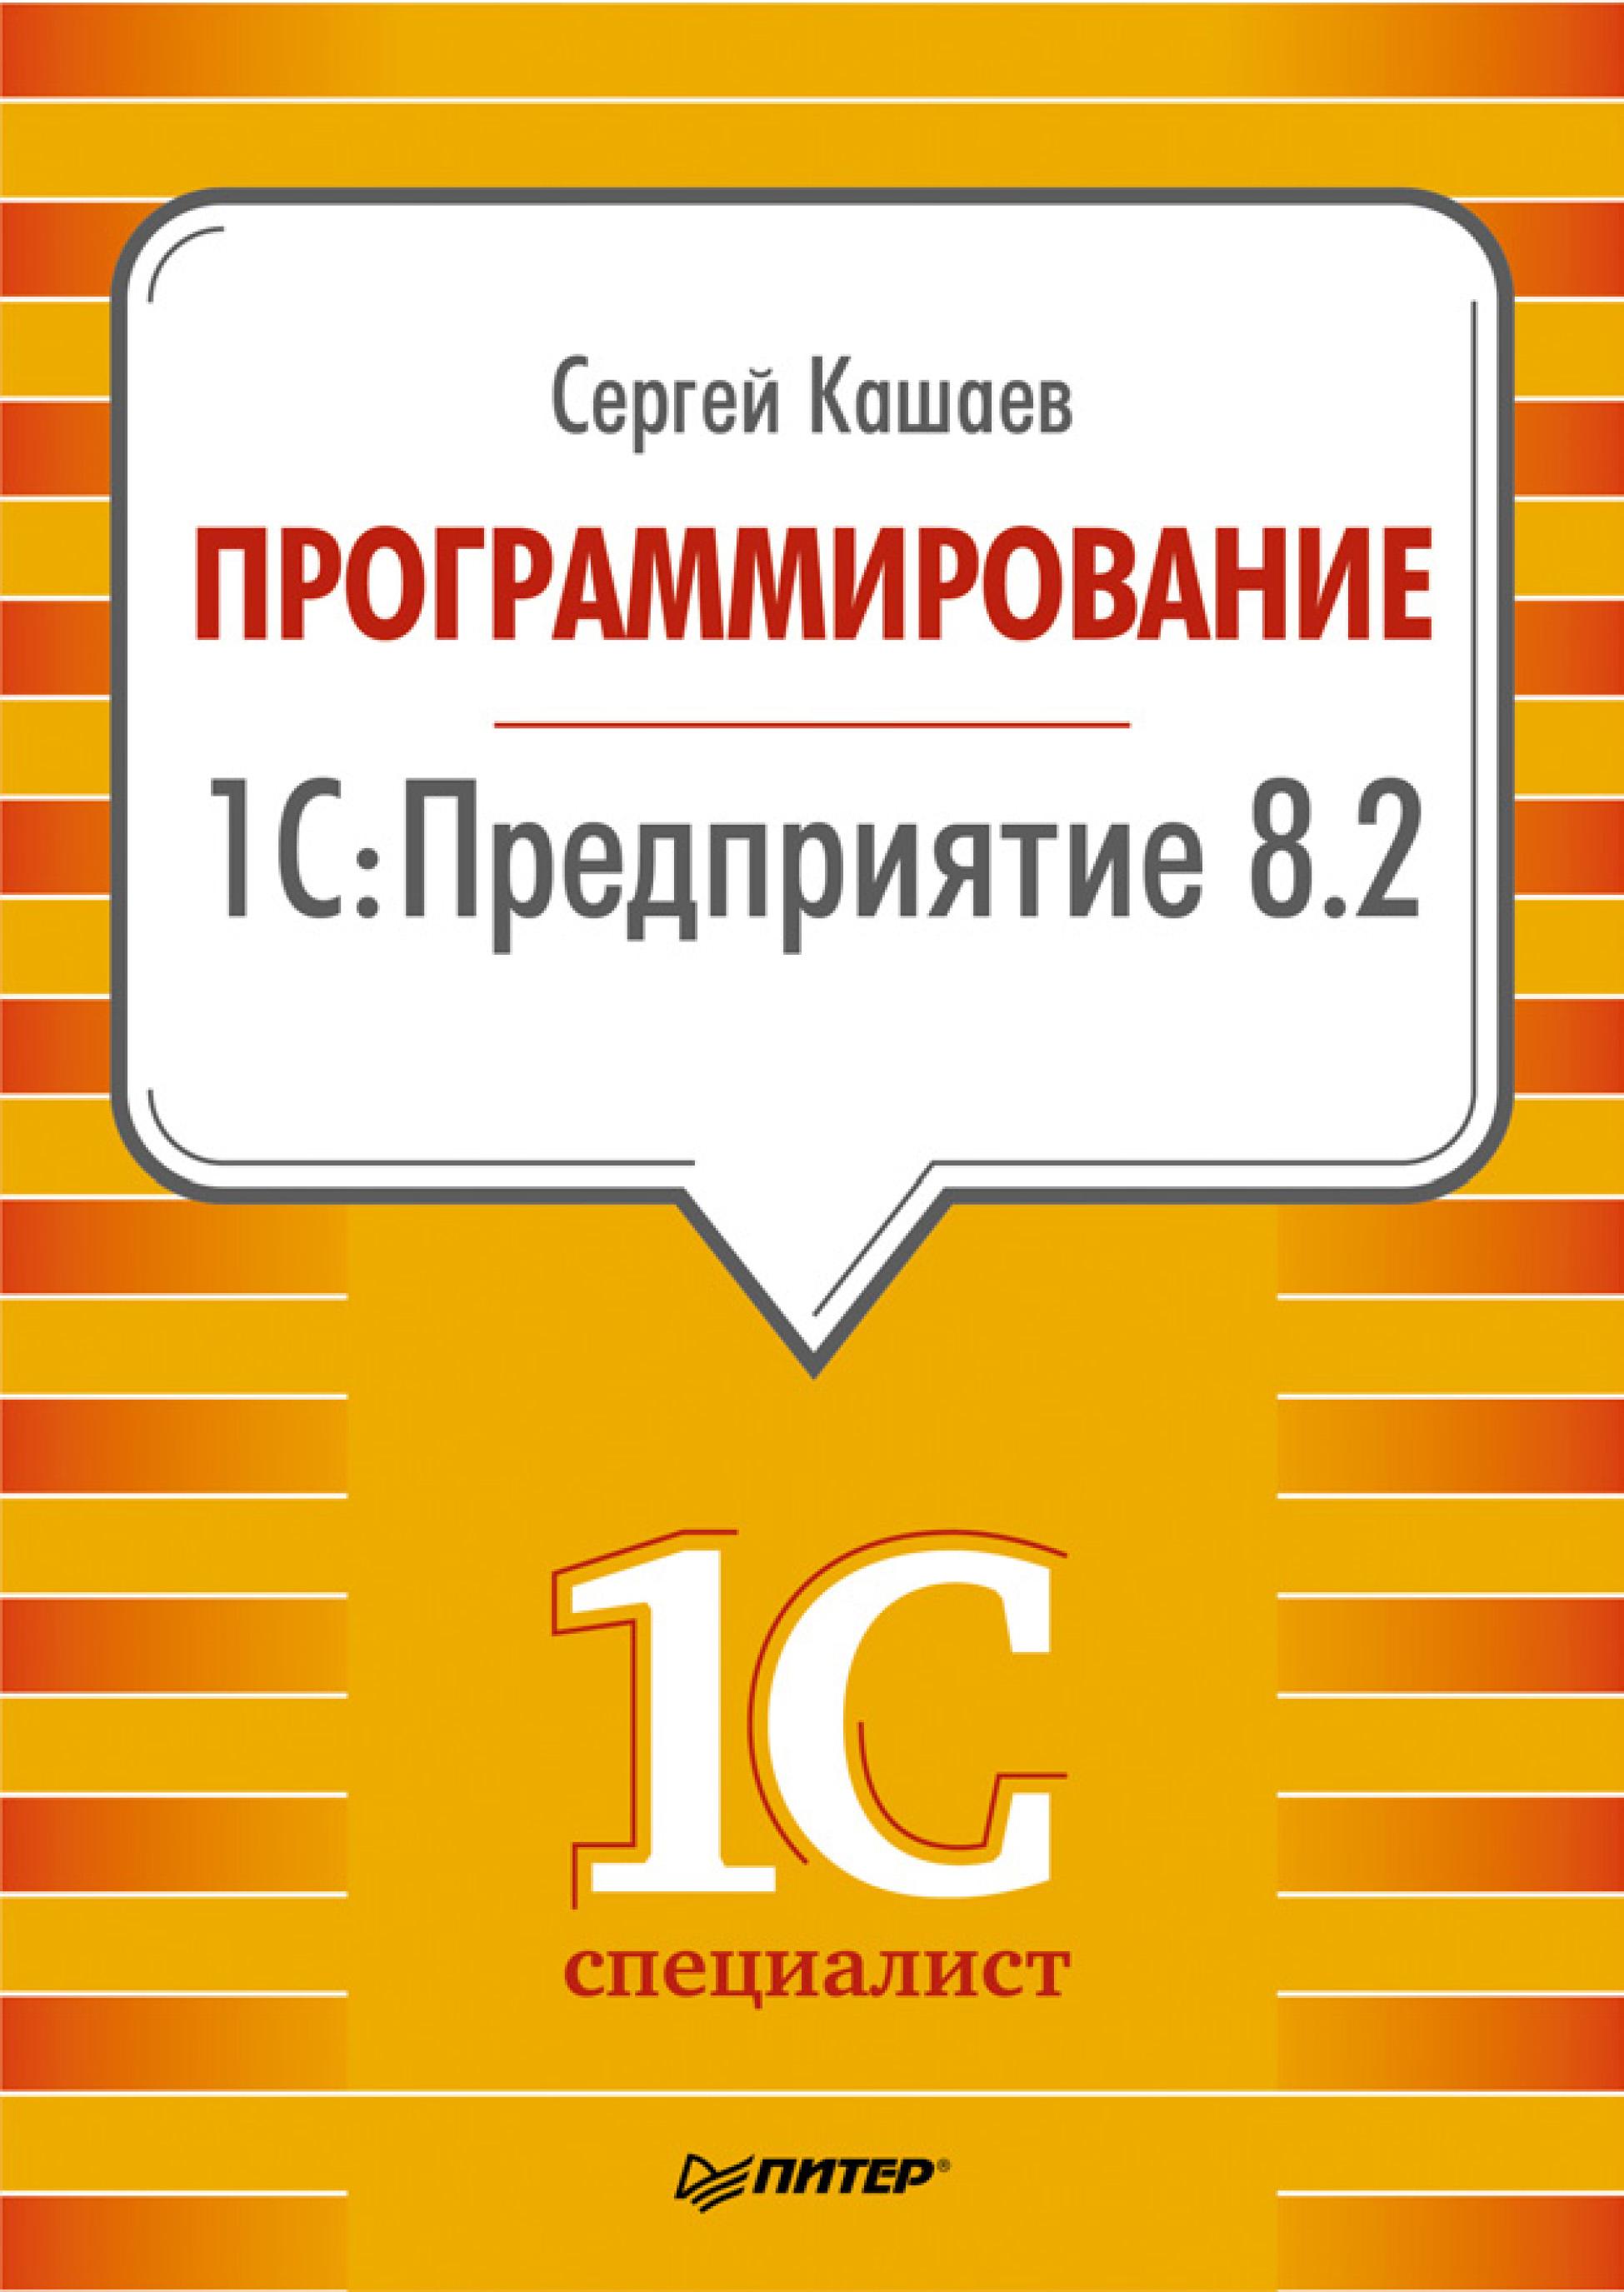 Сергей Кашаев «Программирование в 1С:Предприятие 8.2»